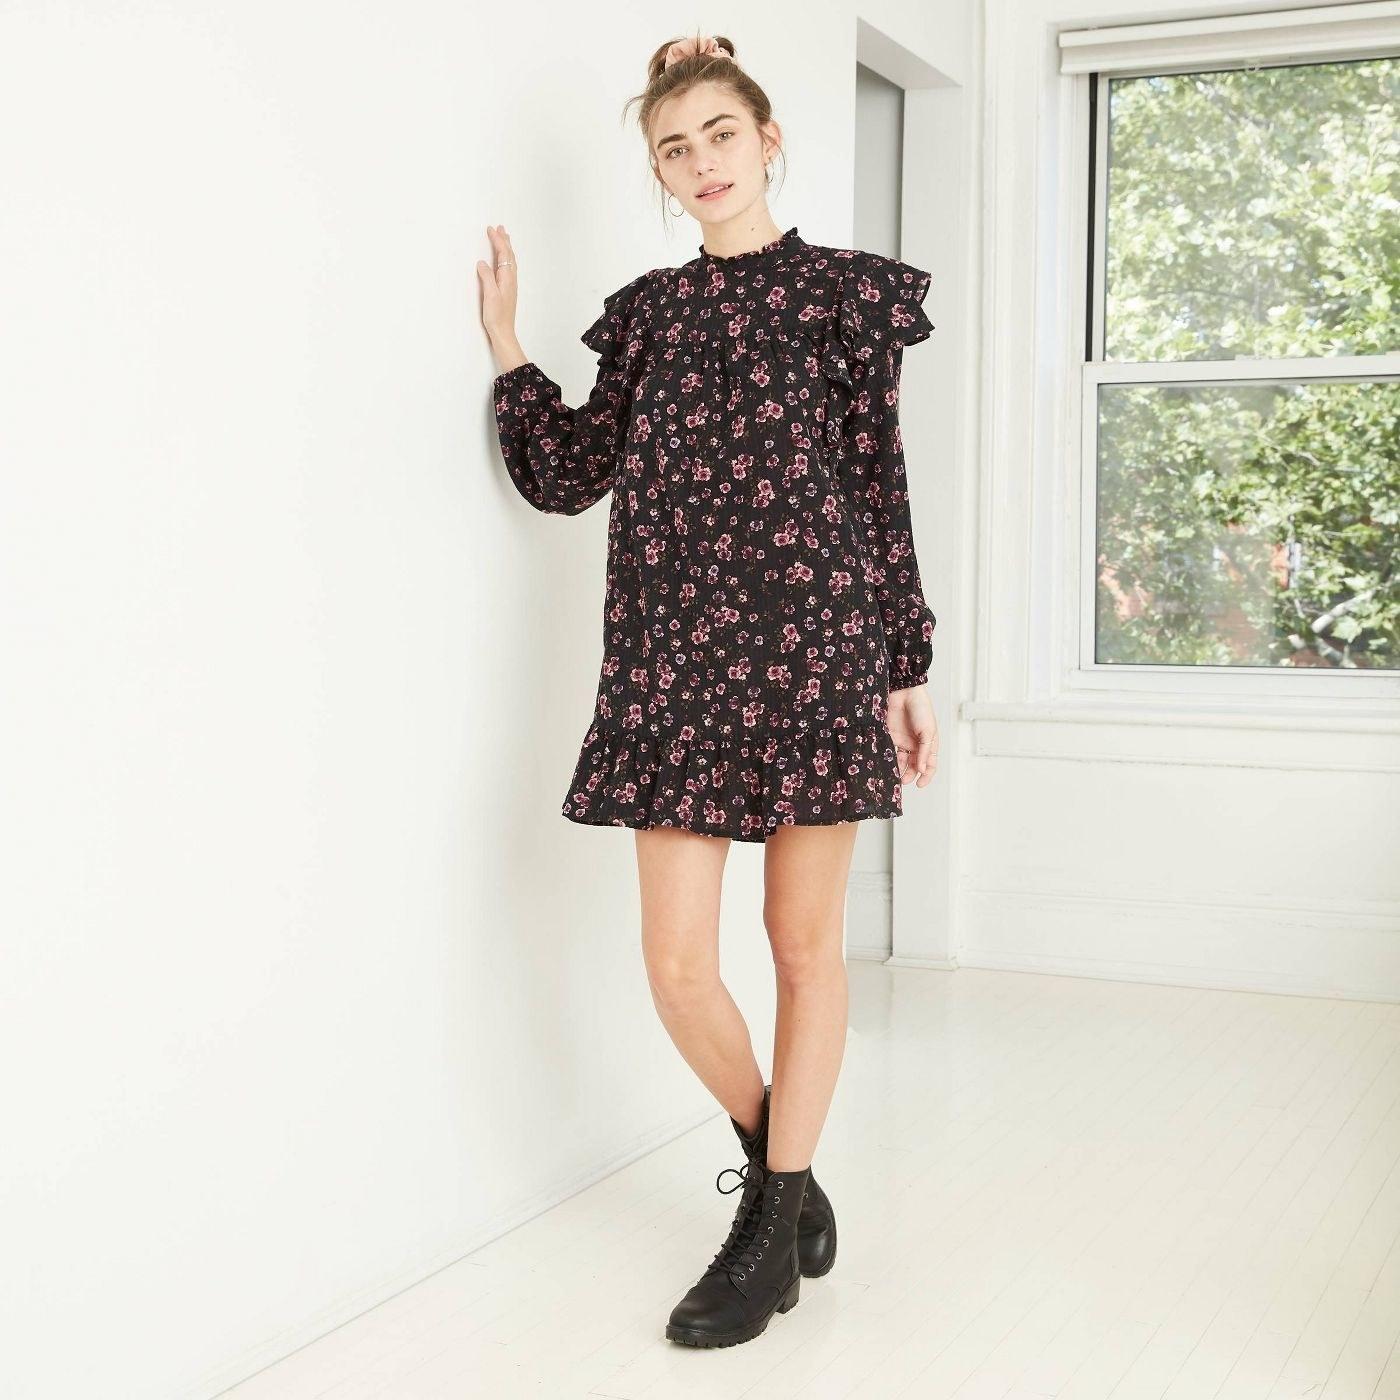 Model in long sleeve ruffle dress